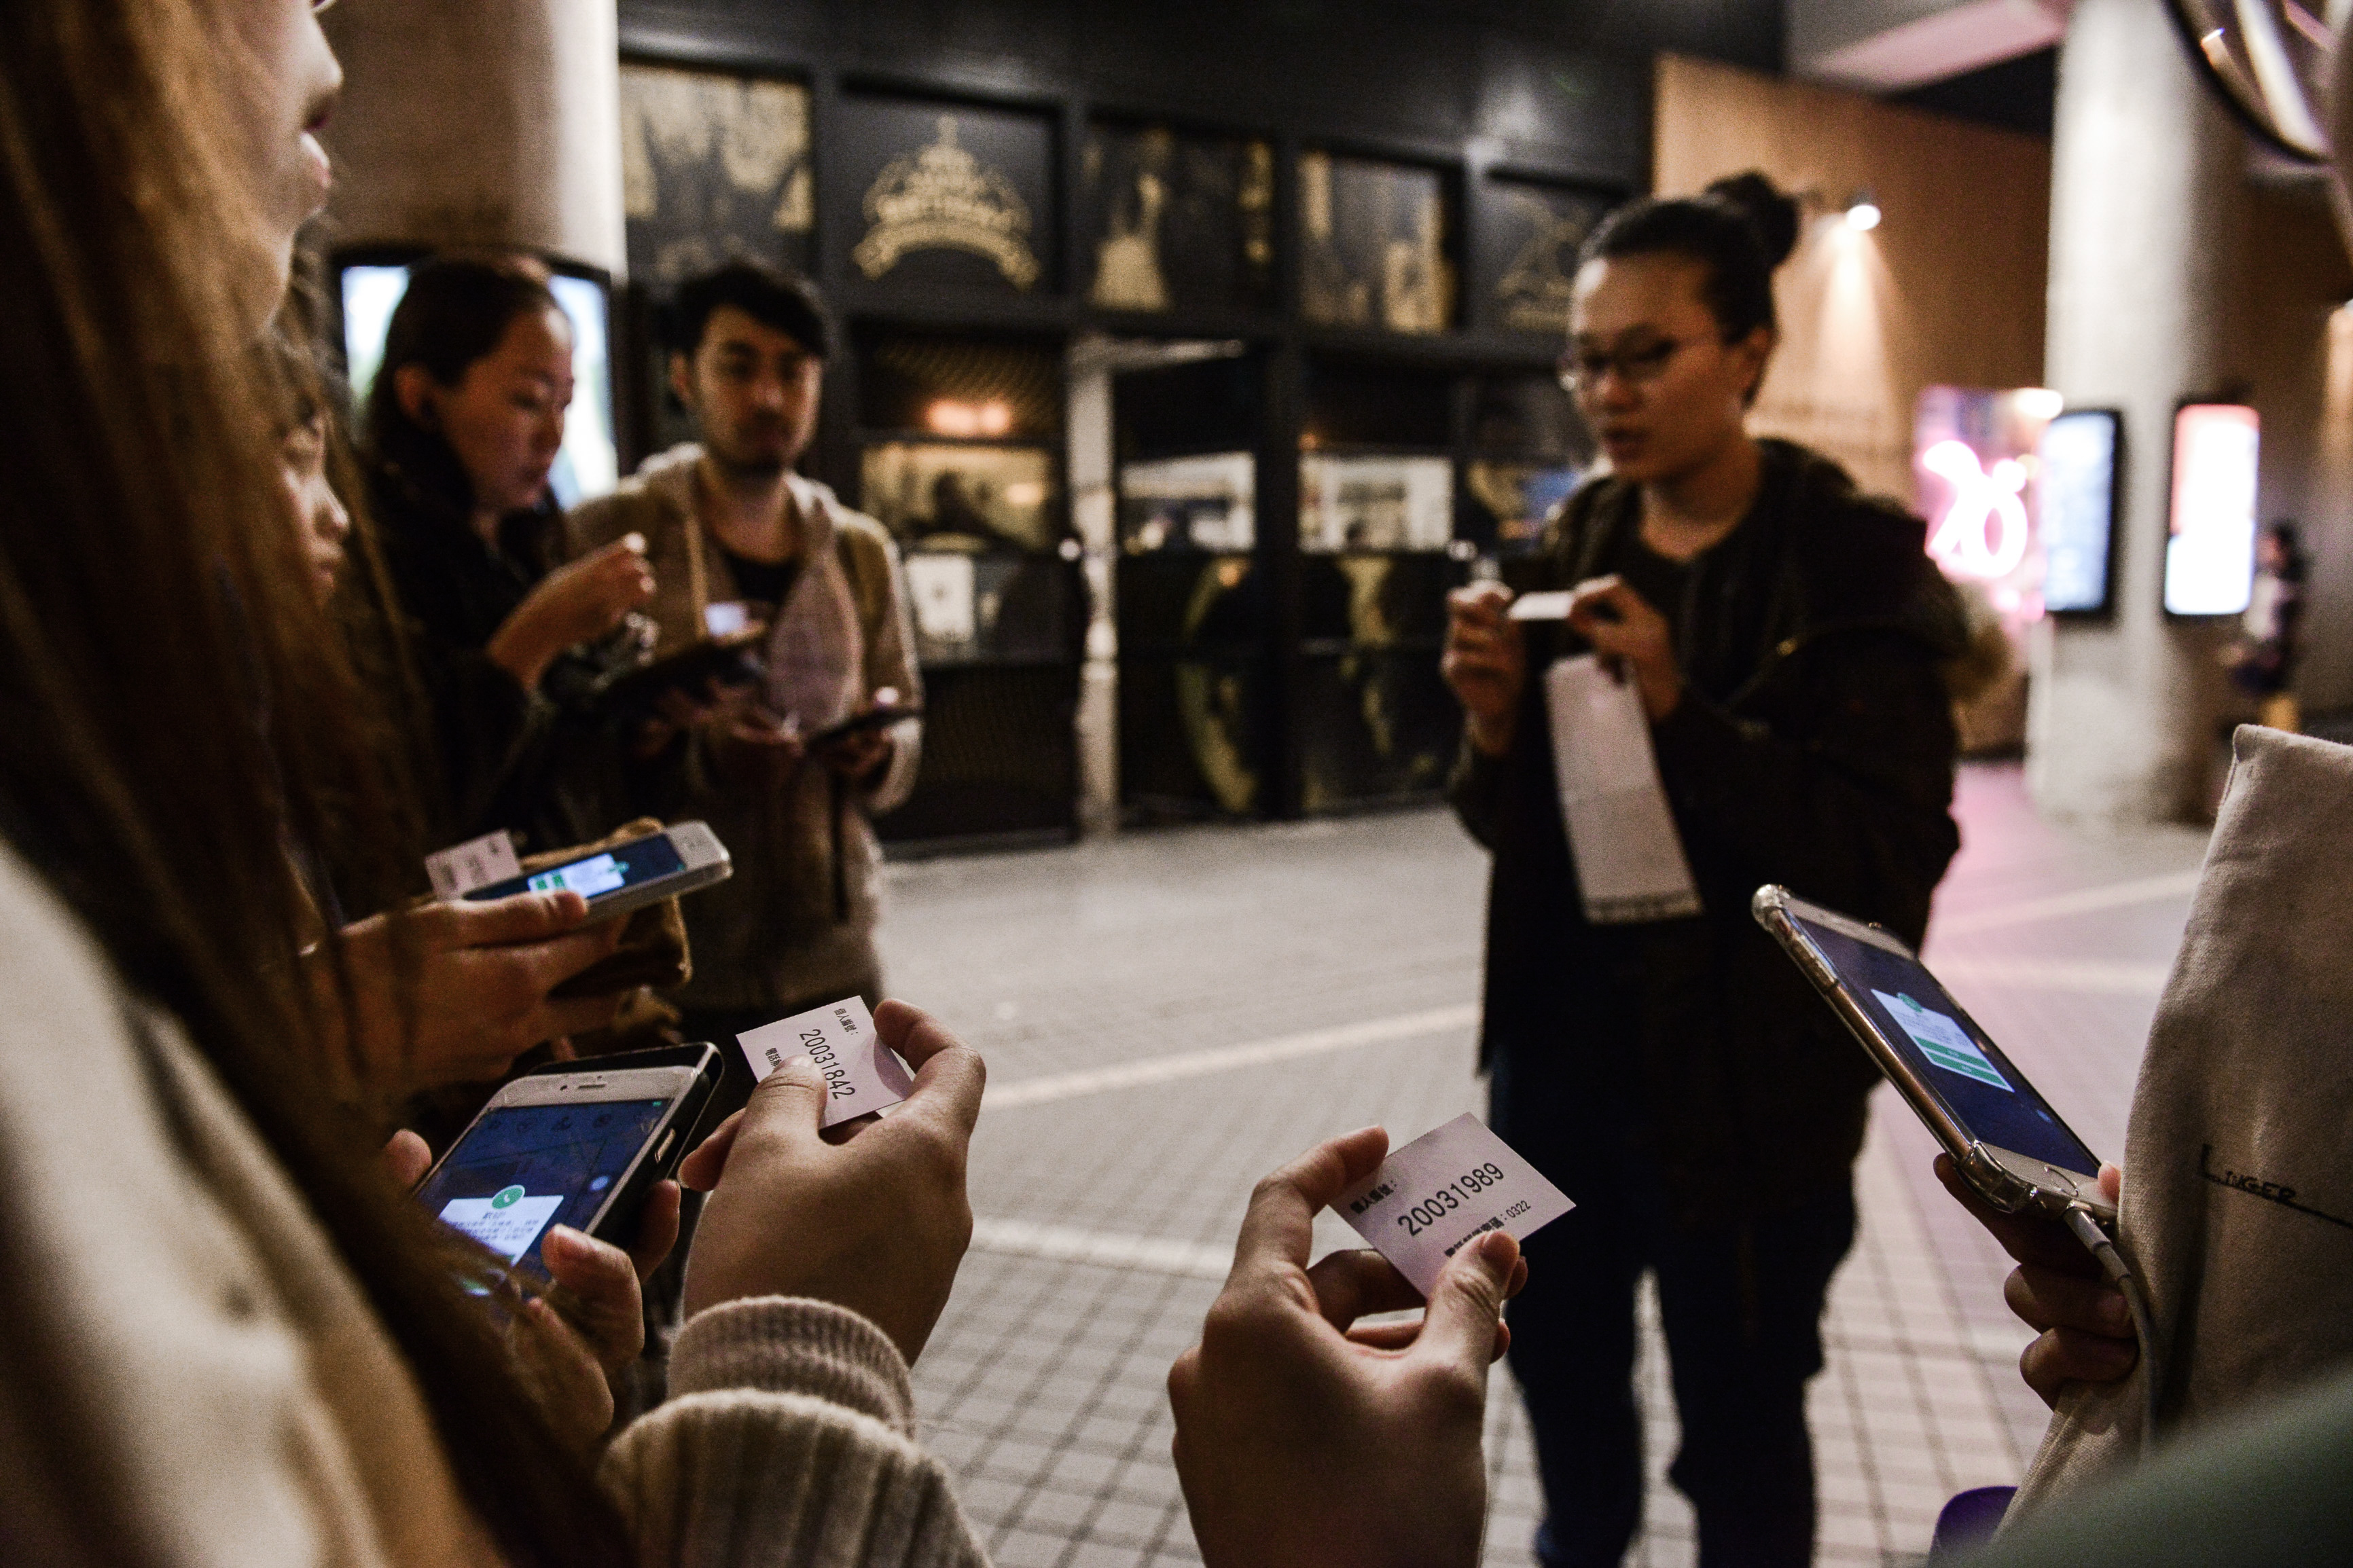 《消失的海岸線》/人物:李婉晶/類別:《消失的海岸線》、演出/攝影:Fung Wai Sun/(天台製作 • 香港專業劇團)